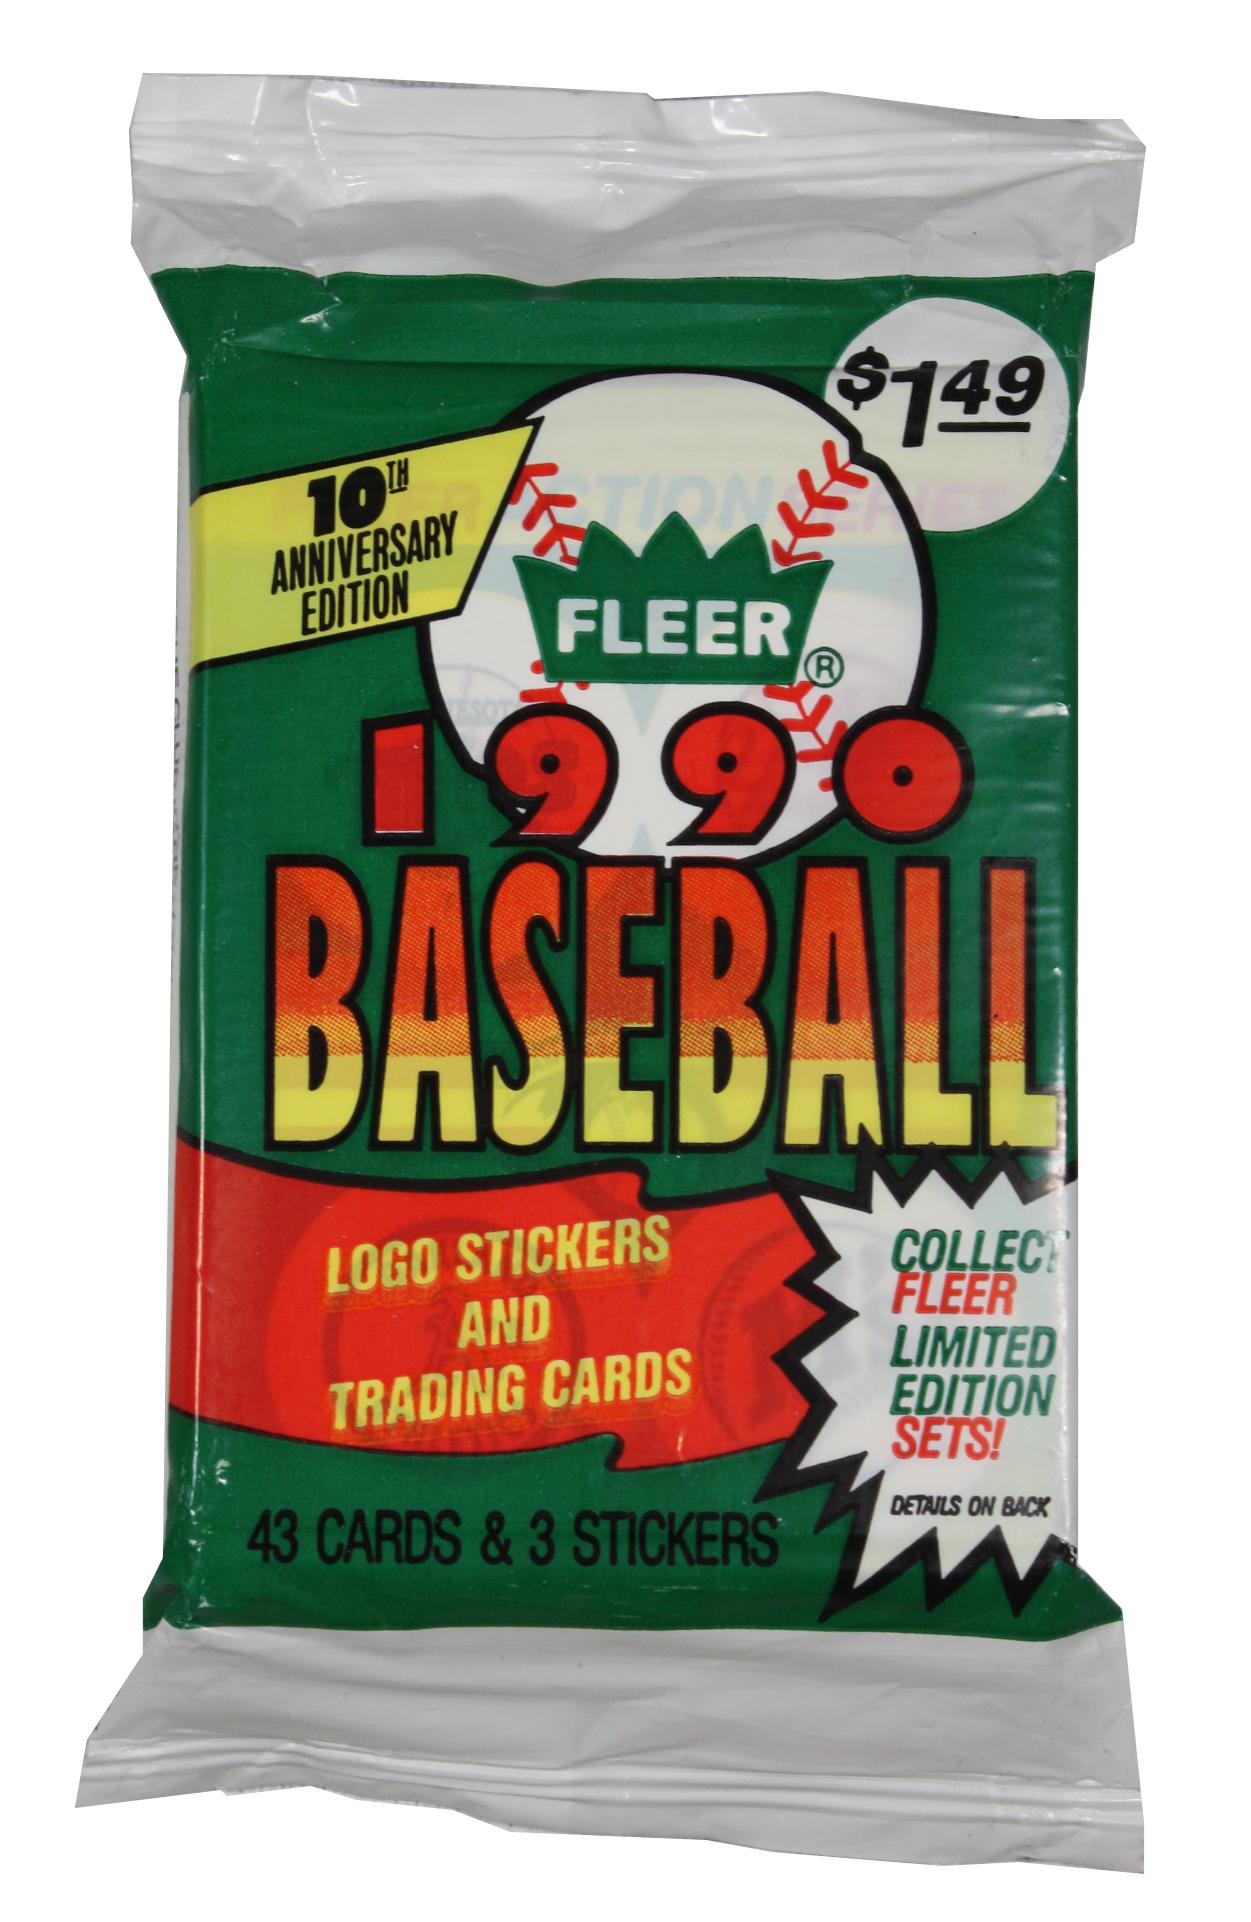 1990 BASEBALL -  FLEER BASEBALL JUMBO PACK (P43 + 3)